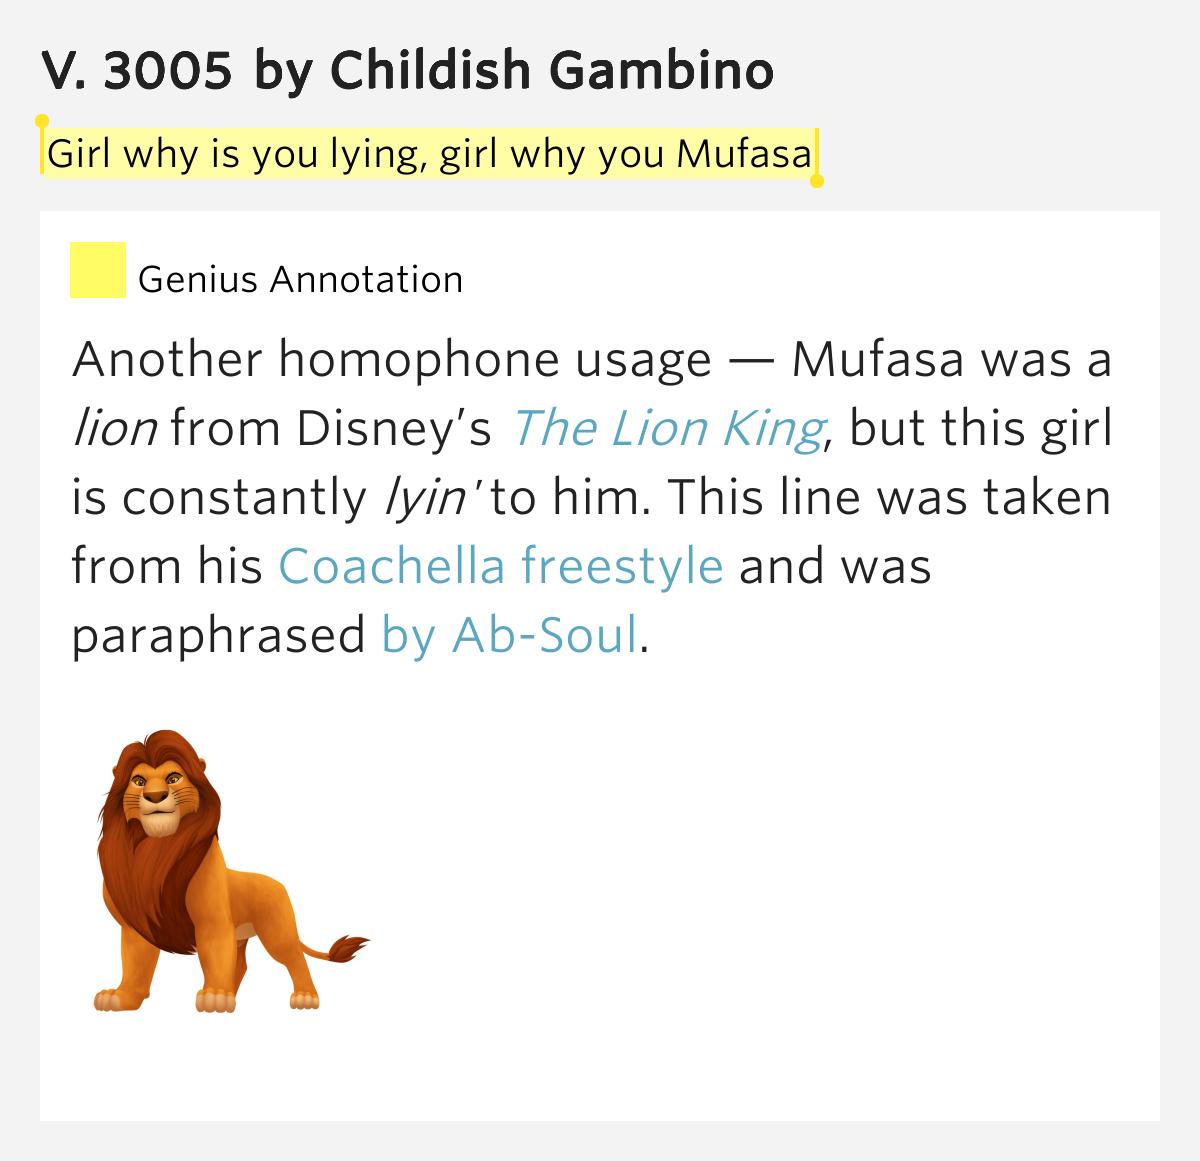 childish gambino lyrics 3005 - photo #14